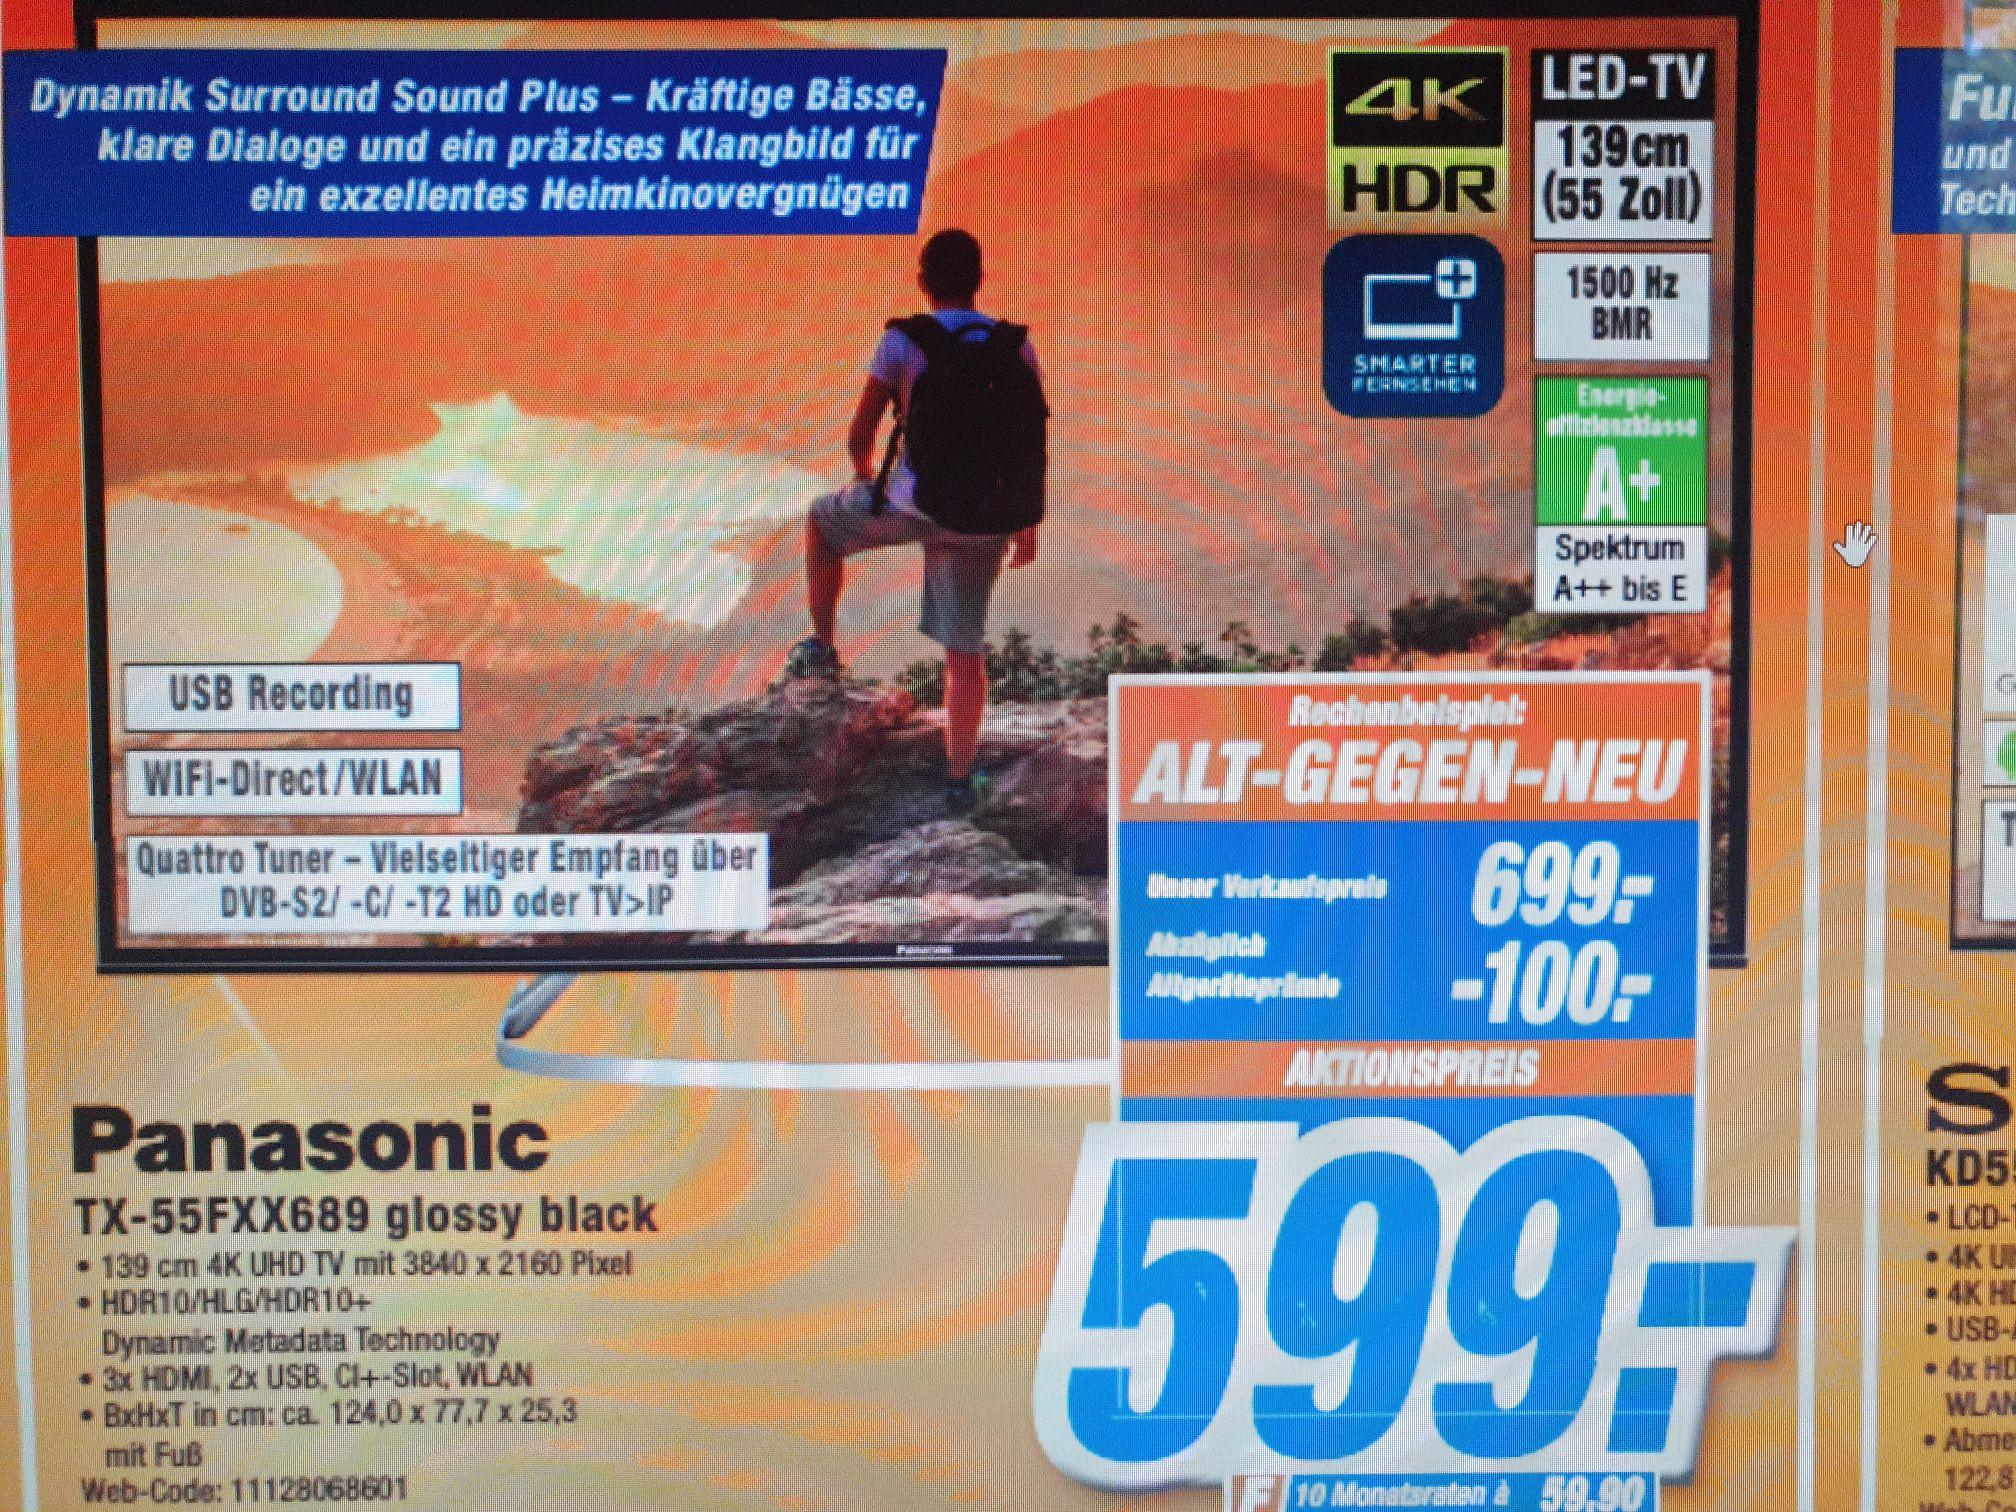 Panasonic TX 55 FXX 689 glossy black für 599€, auch online mit Versand